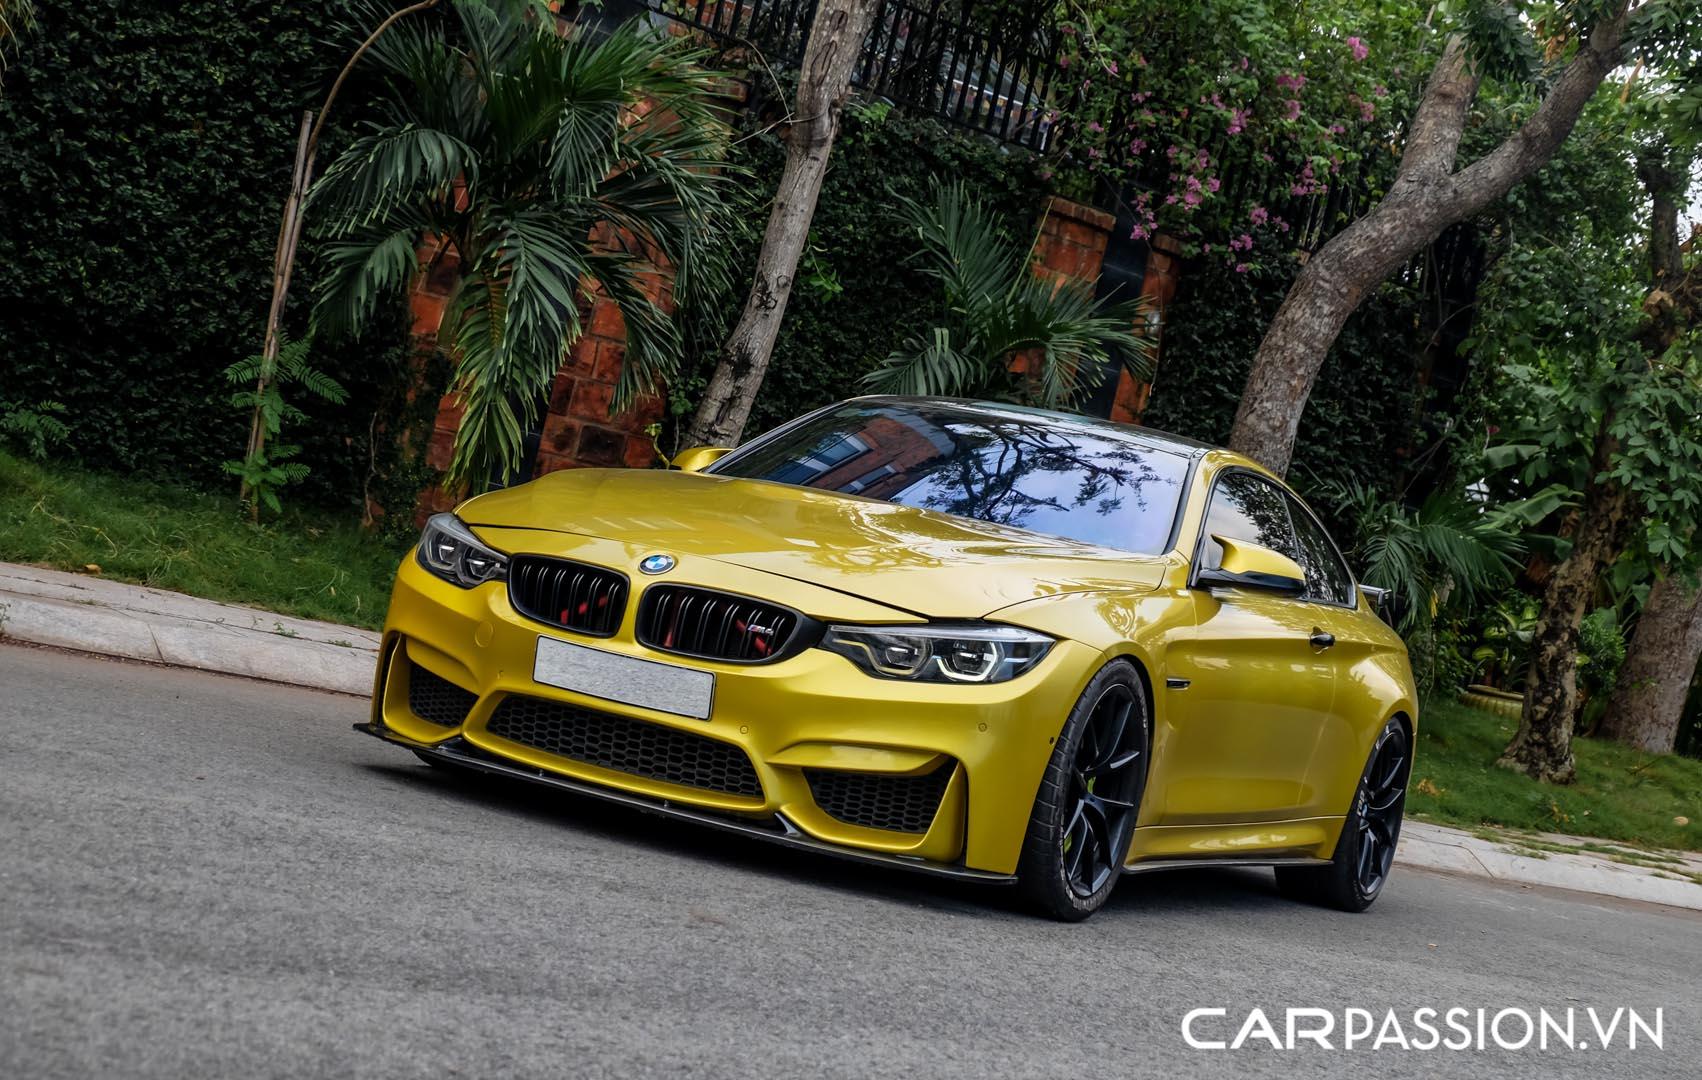 CP-BMW M4 F8 được rao bán (13).jpg